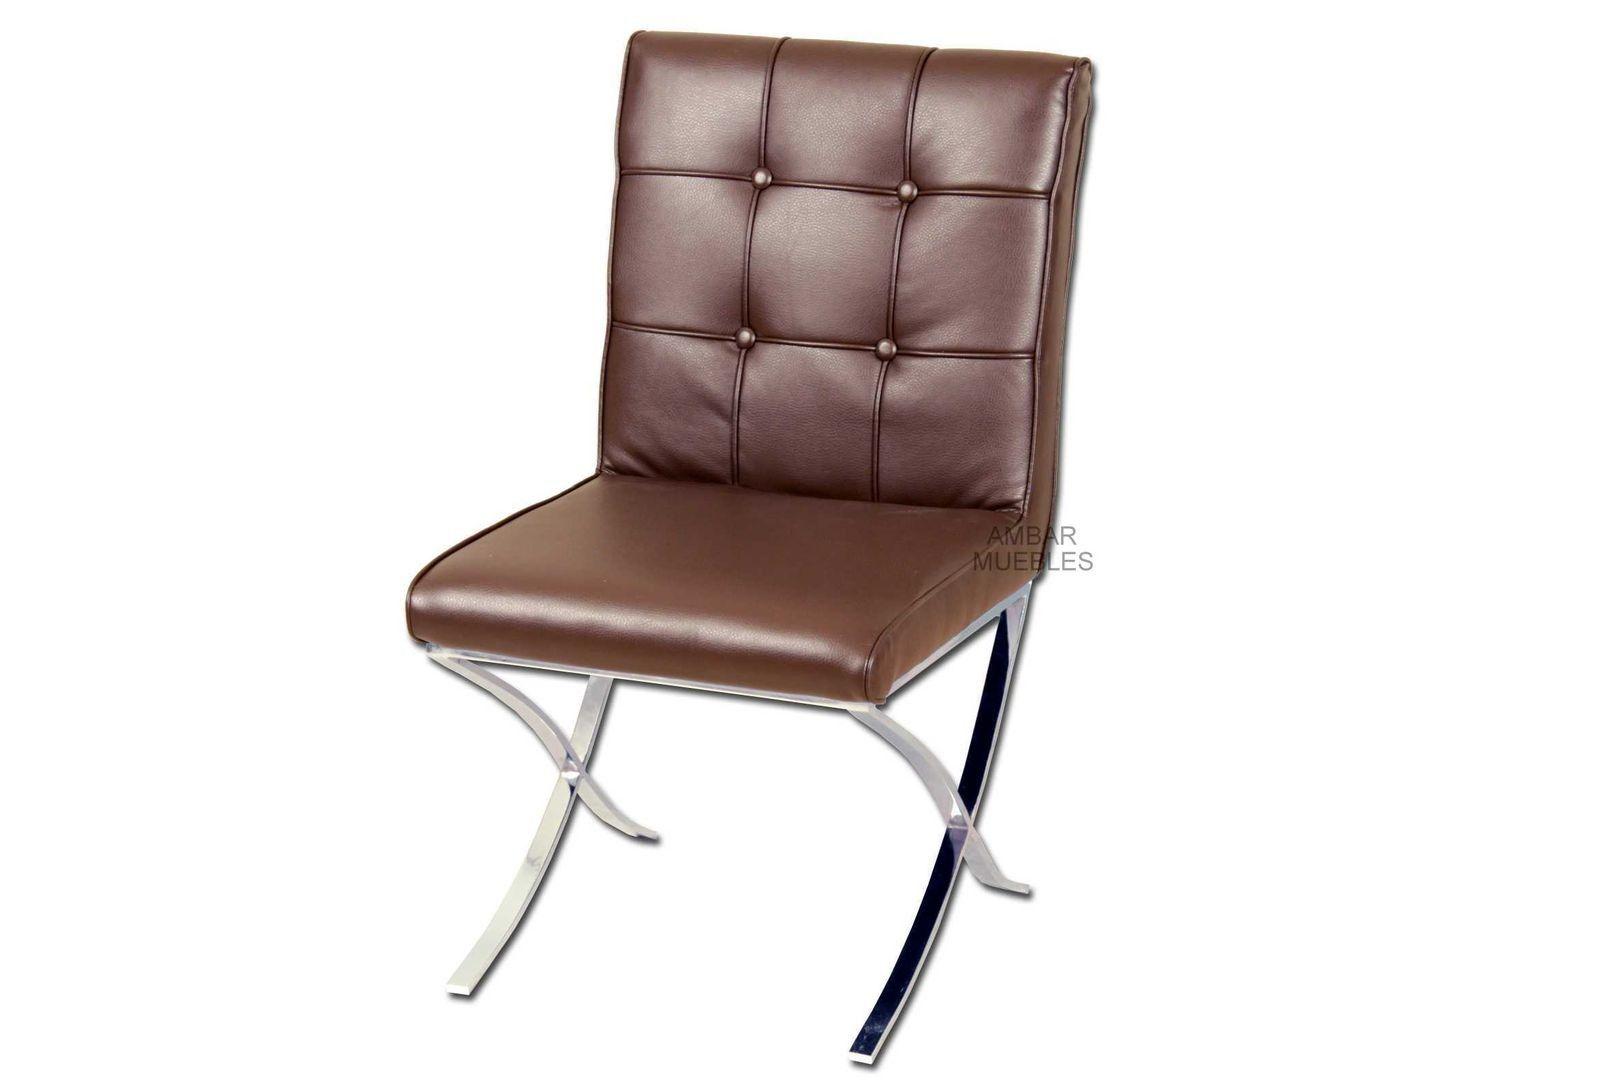 Silla moderna manresa marr n sillas modernas de dise o for Silla despacho diseno